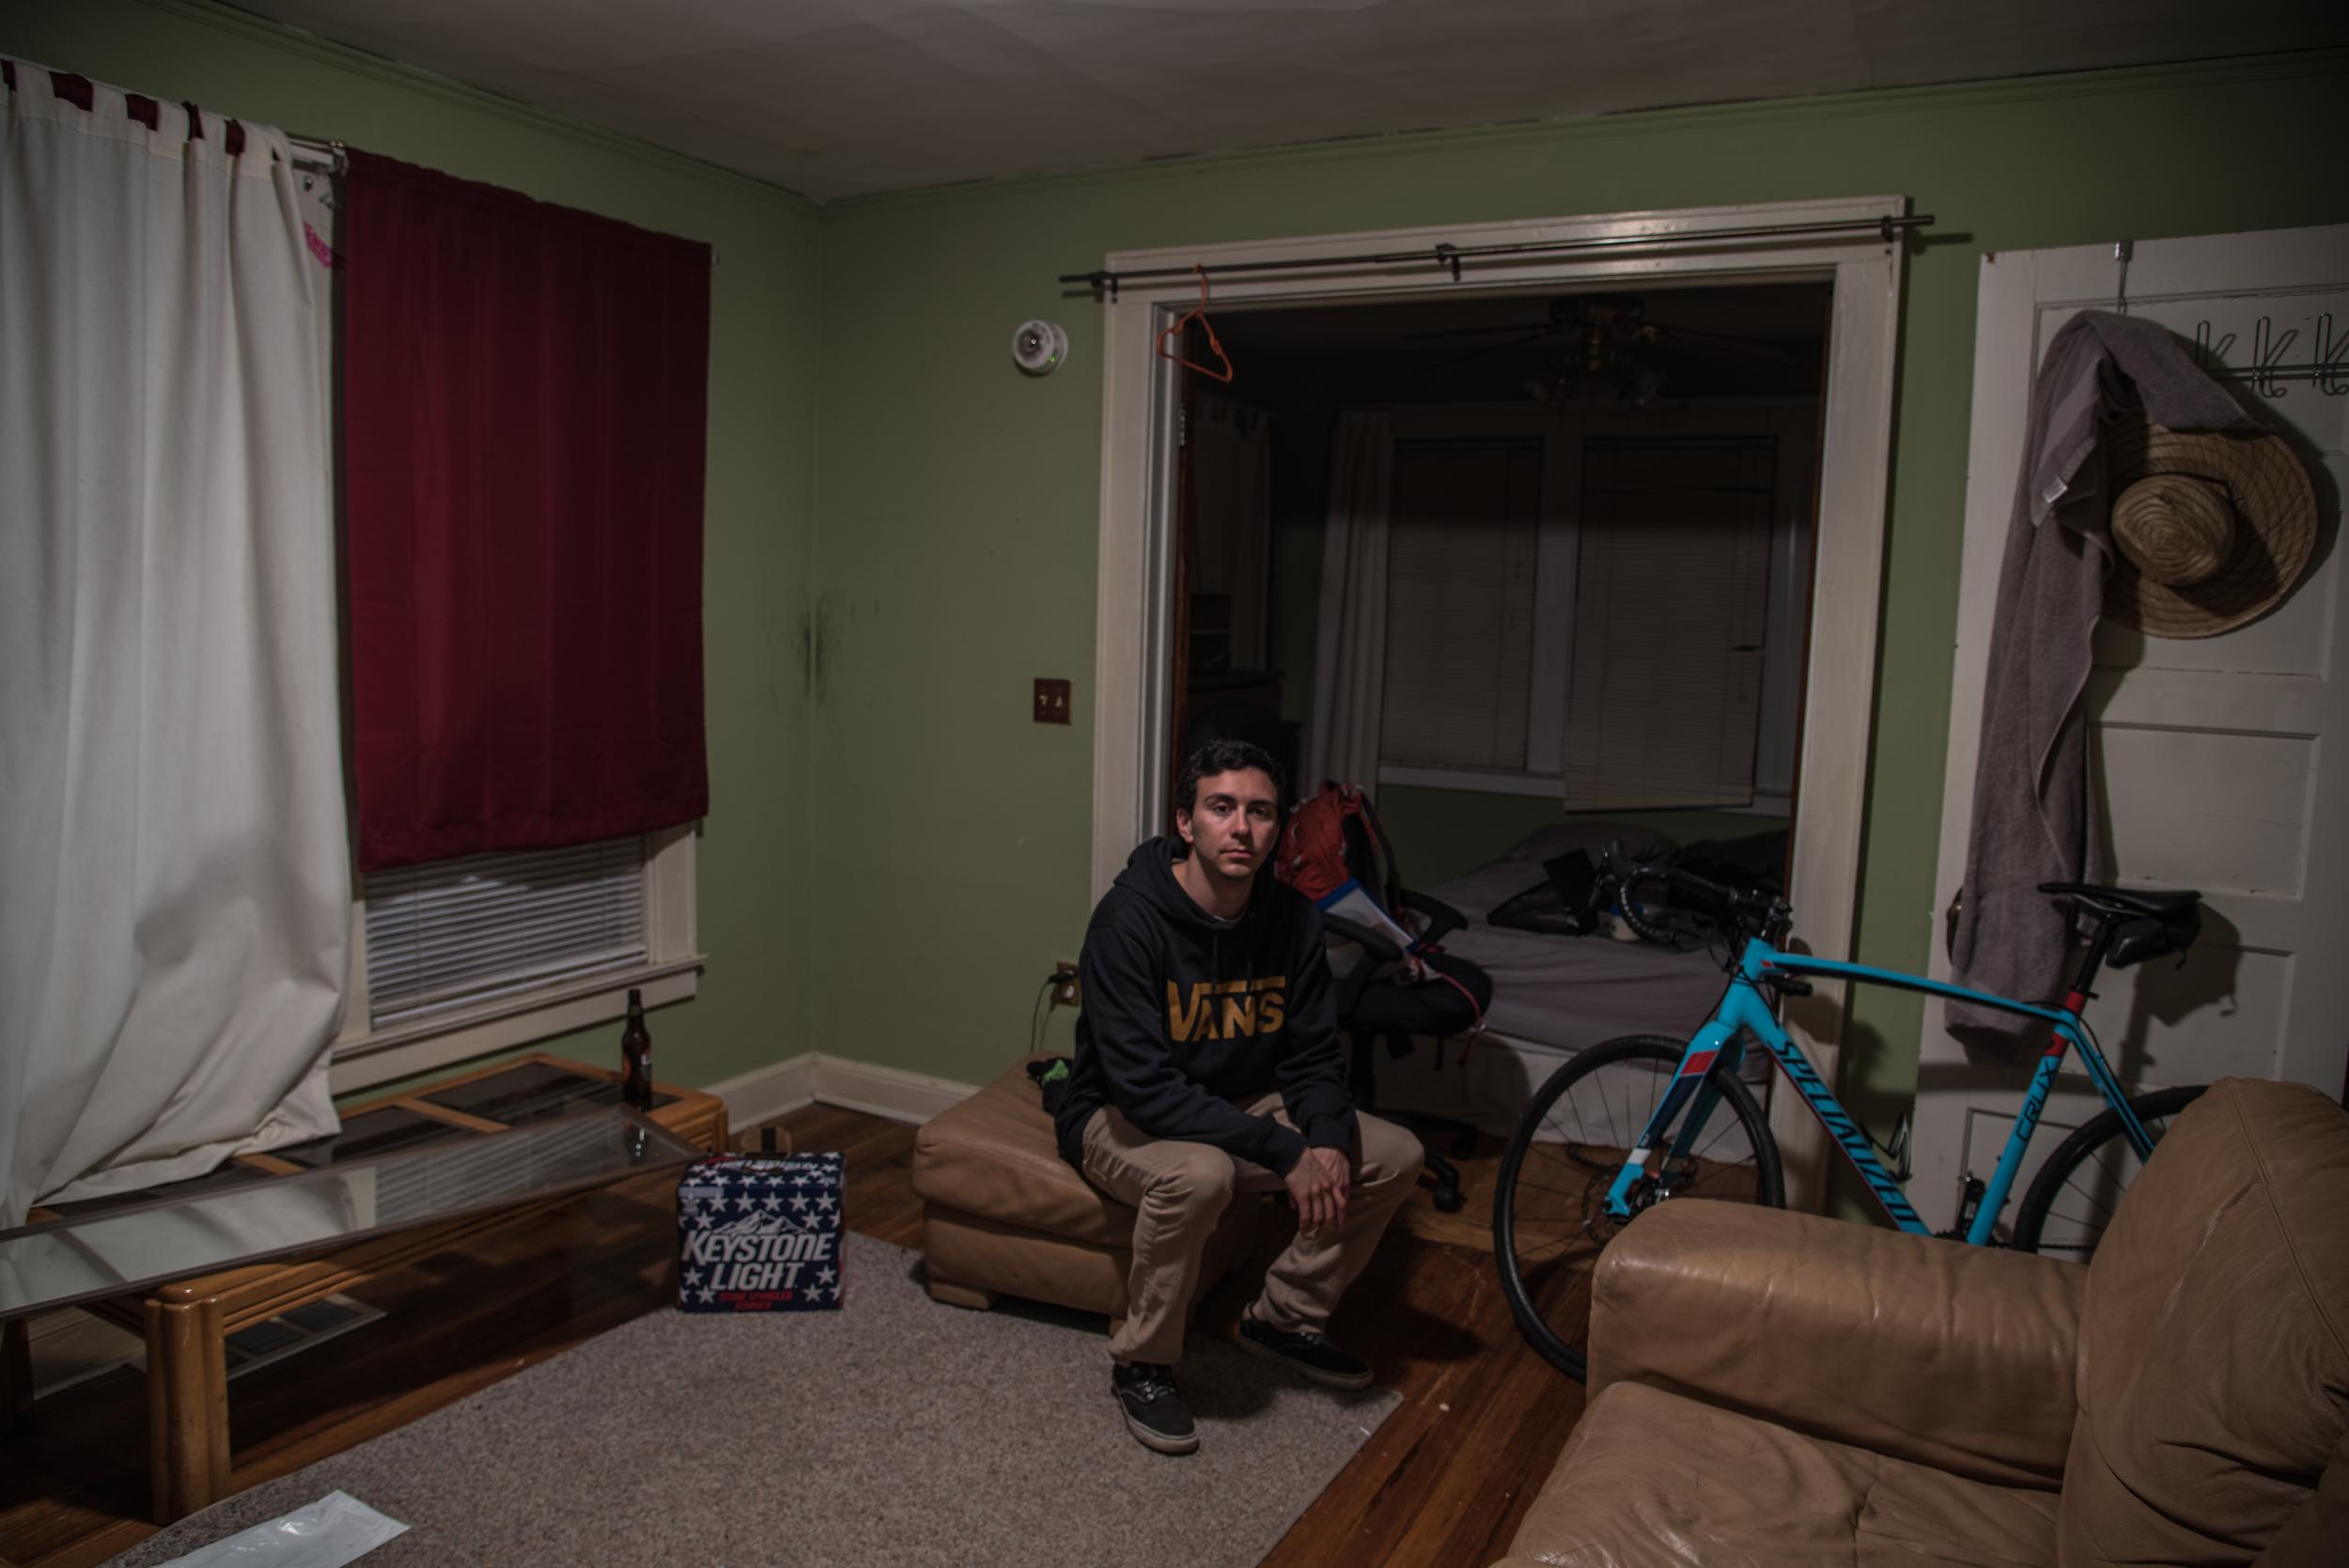 Annis_Nick_Room-2.jpg